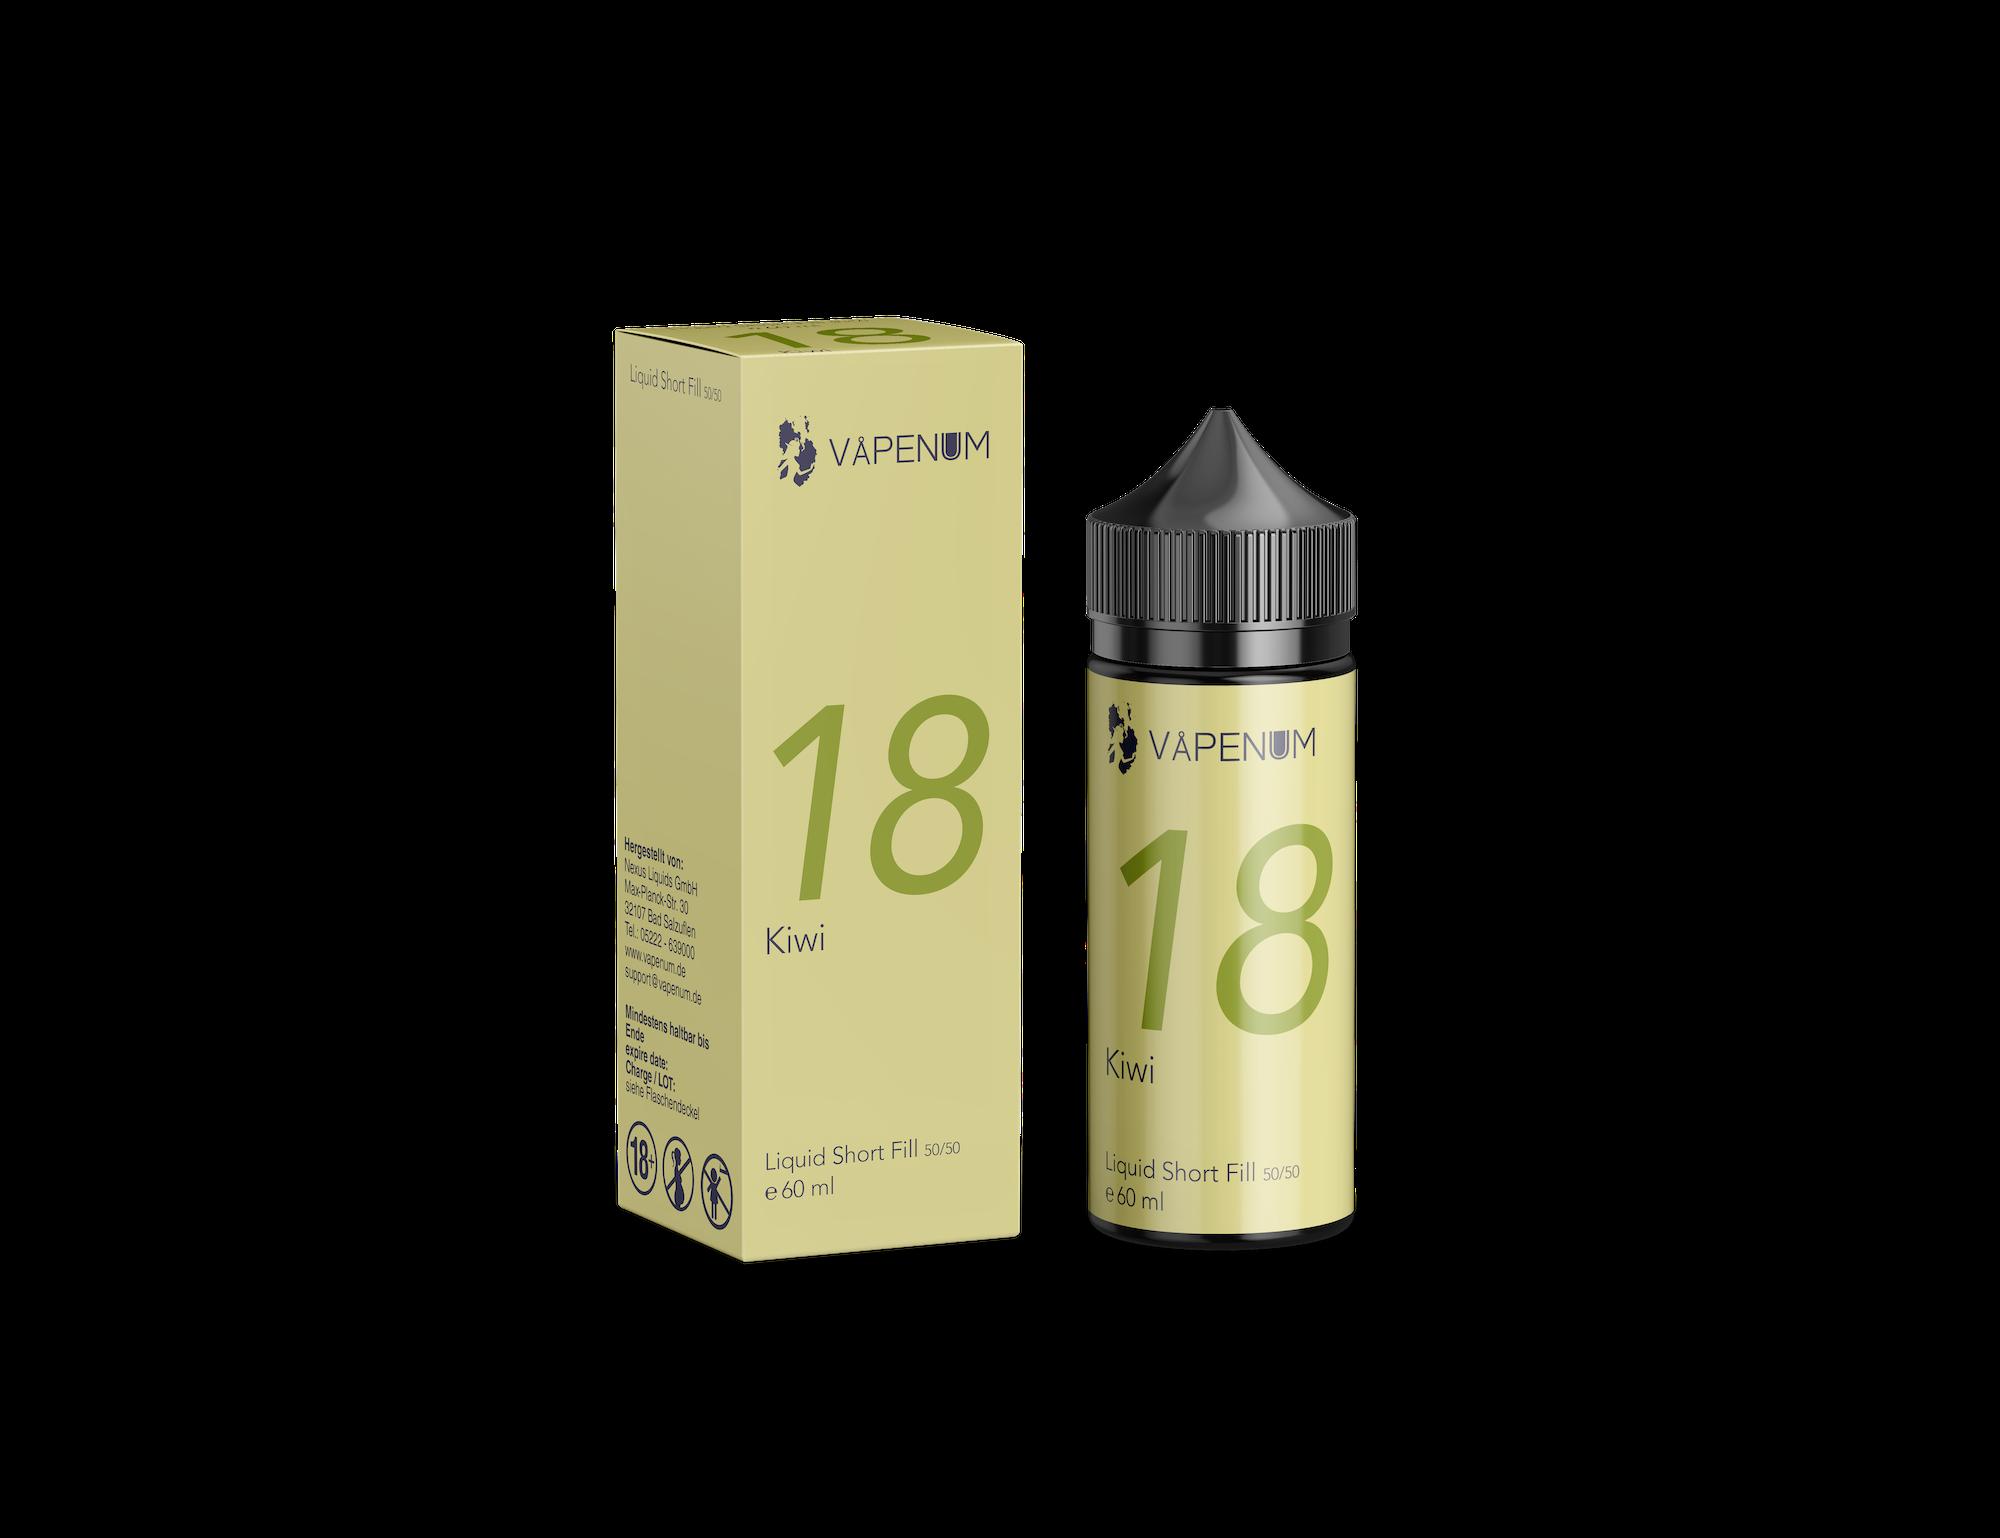 Vapenum Shortfill 18 - Kiwi